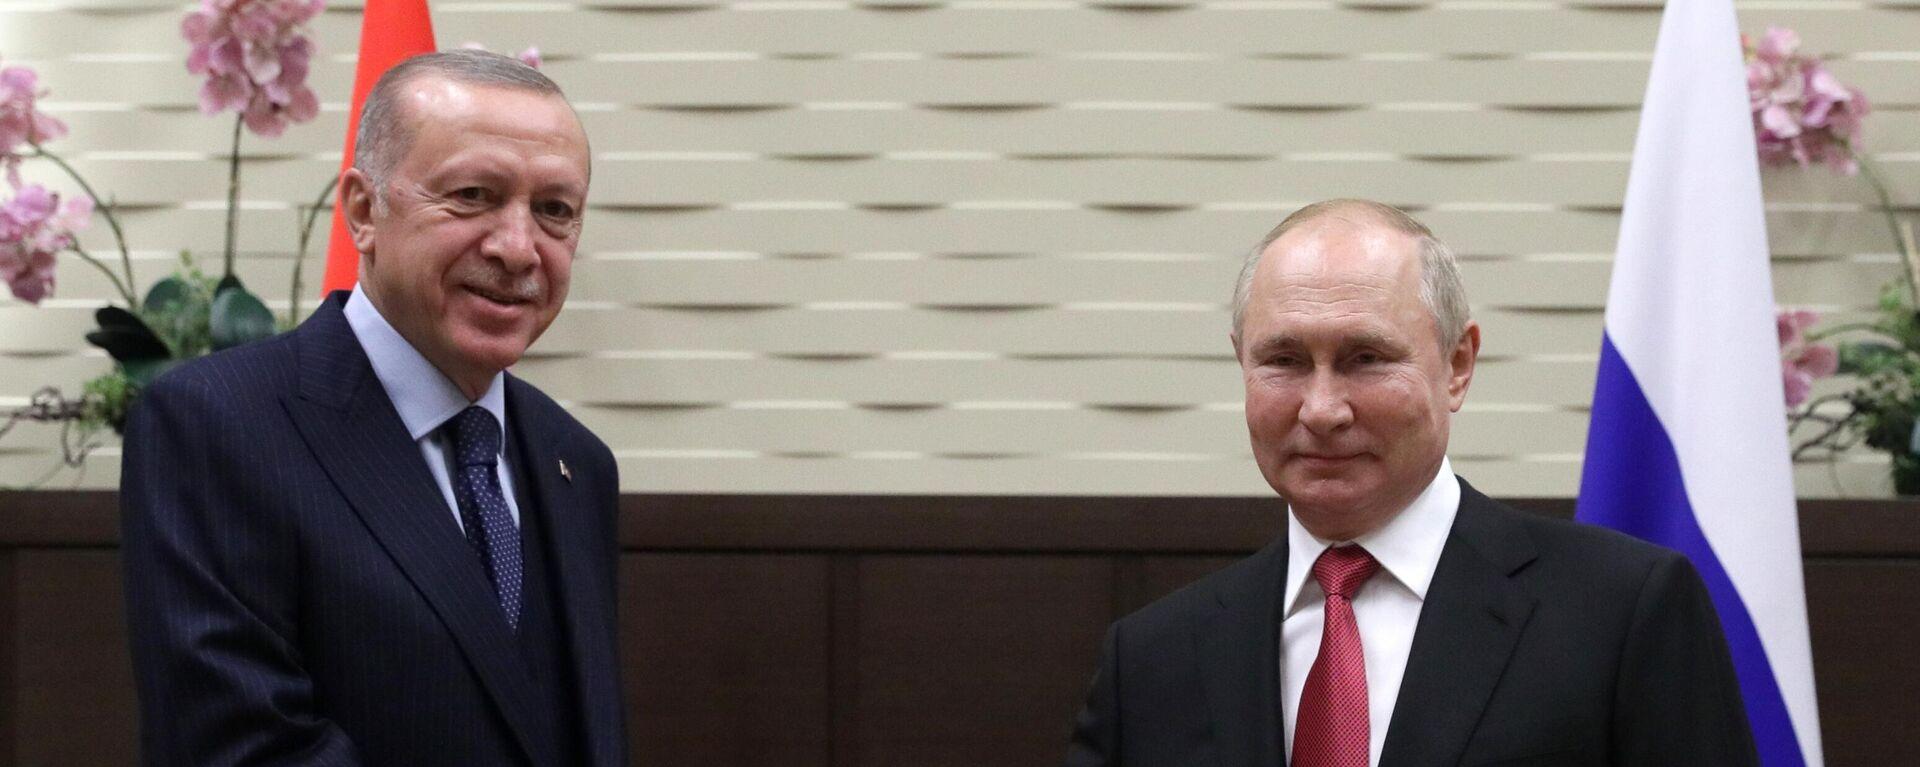 Президент РФ В. Путин провел переговоры с президентом Турции Р. Эрдоганом - Sputnik Таджикистан, 1920, 30.09.2021